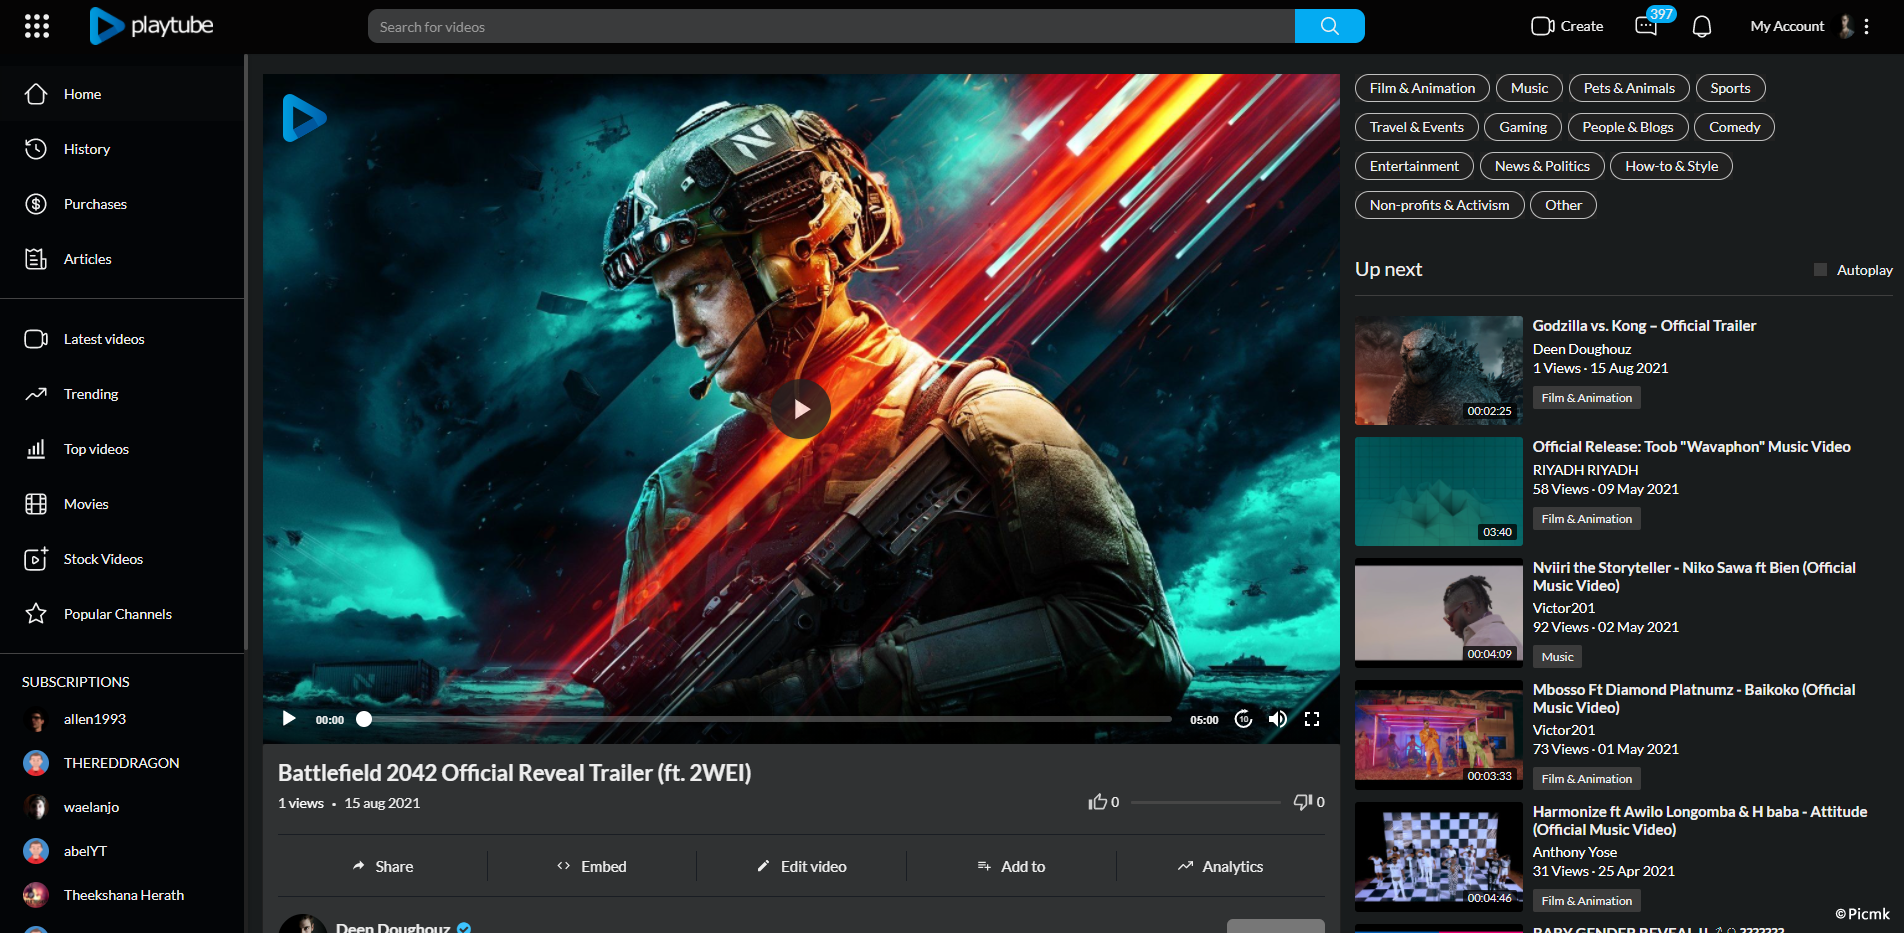 最新PlayTube2.1-PHP視頻CMS/視頻分享平台/社區插圖3